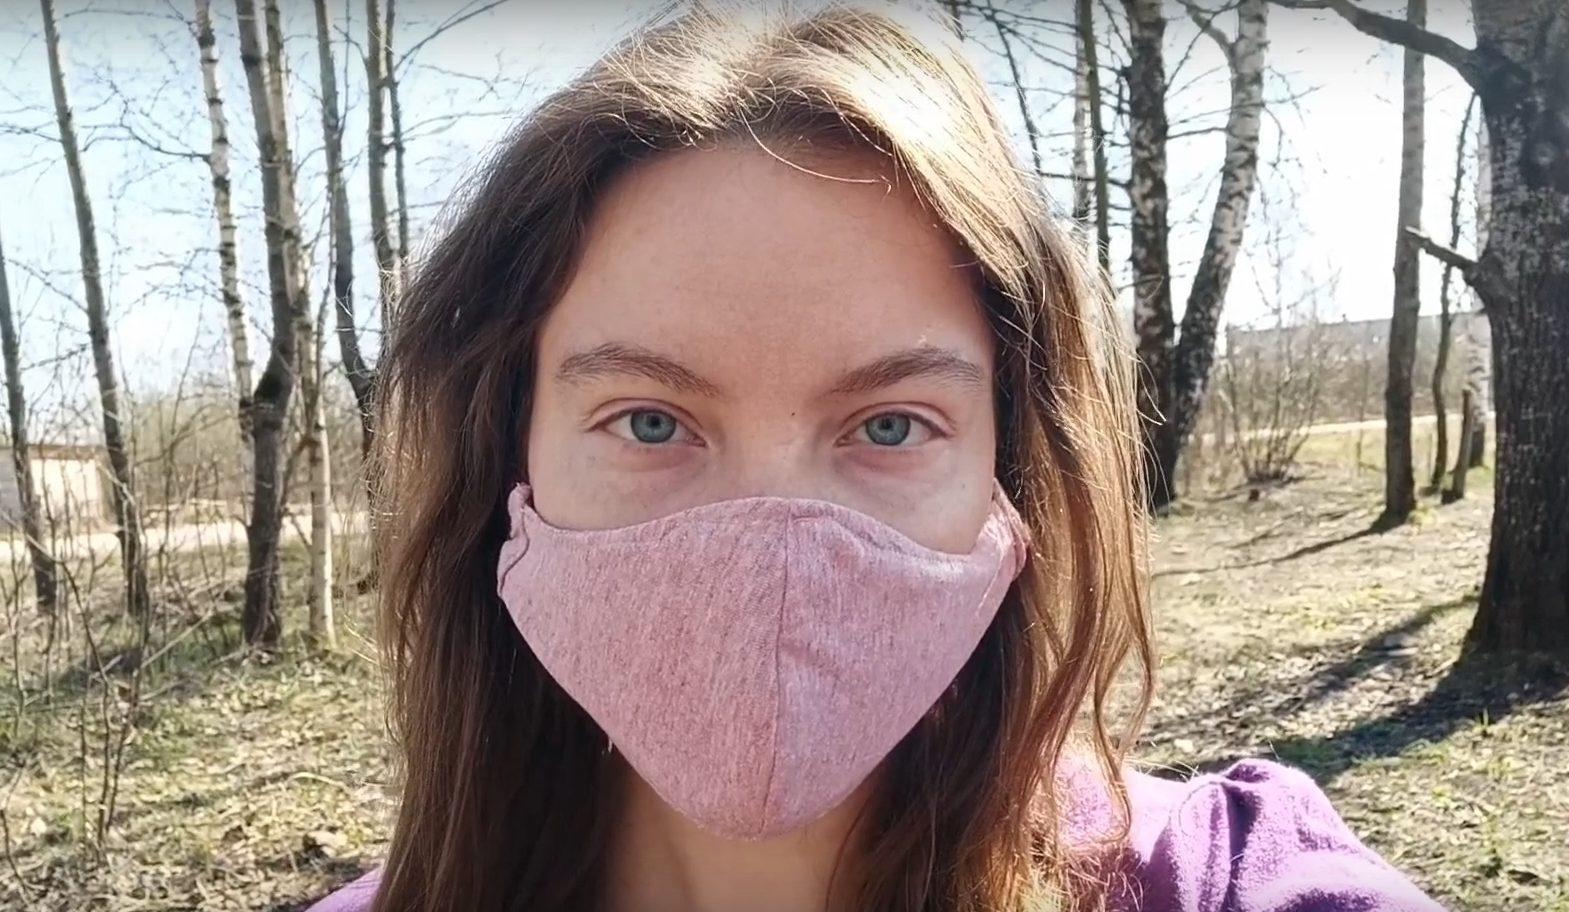 Алена Стряпченко: считает, что #носитьмаскумодно